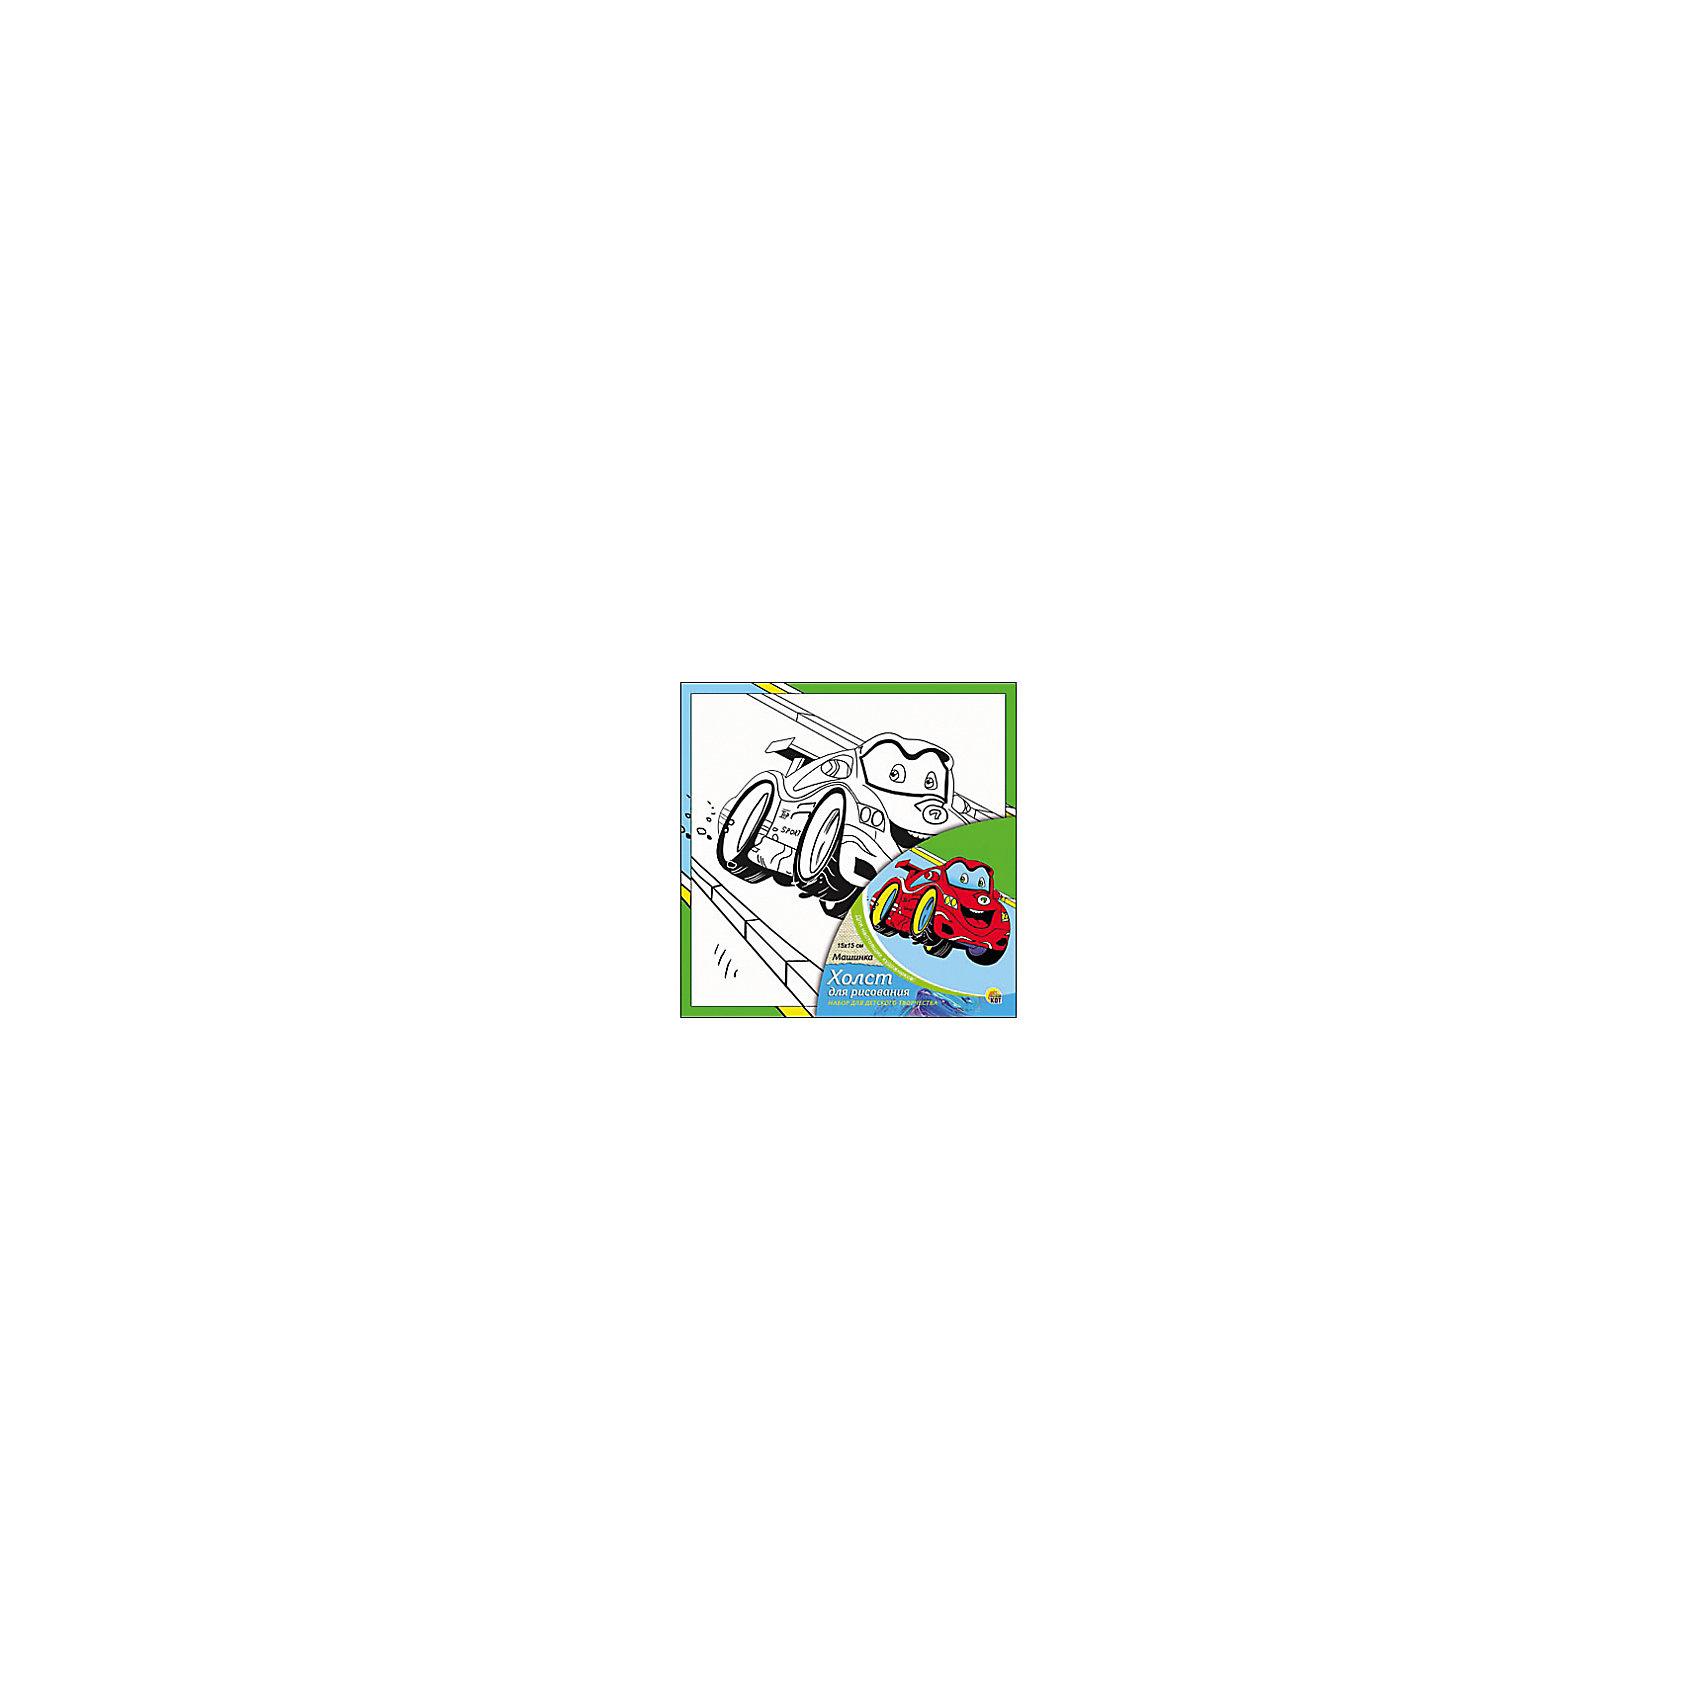 Холст с красками Машинка, 15х15 смМашинка - необыкновенный набор для детского творчества. Для того, чтобы оживить черно-белый эскиз, нужно нанести на него яркие акриловые краски, входящие в набор. Прелестная машинка понравится малышу и он сможет украсить ею свою комнату, а может даже подарить друзьям или близким. Творчество с таким набором хорошо развивает творческие навыки, усидчивость и аккуратность. Замечательный подарок для юного художника!<br><br>Дополнительная информация:<br>В комплекте: холст с эскизом, 7 акриловых красок, кисточка<br>Размер: 15х1,5х15 см<br>Вес: 140 грамм<br>Холст с красками Машинка можно приобрести в нашем интернет-магазине.<br><br>Ширина мм: 150<br>Глубина мм: 15<br>Высота мм: 150<br>Вес г: 140<br>Возраст от месяцев: 36<br>Возраст до месяцев: 120<br>Пол: Унисекс<br>Возраст: Детский<br>SKU: 4939498